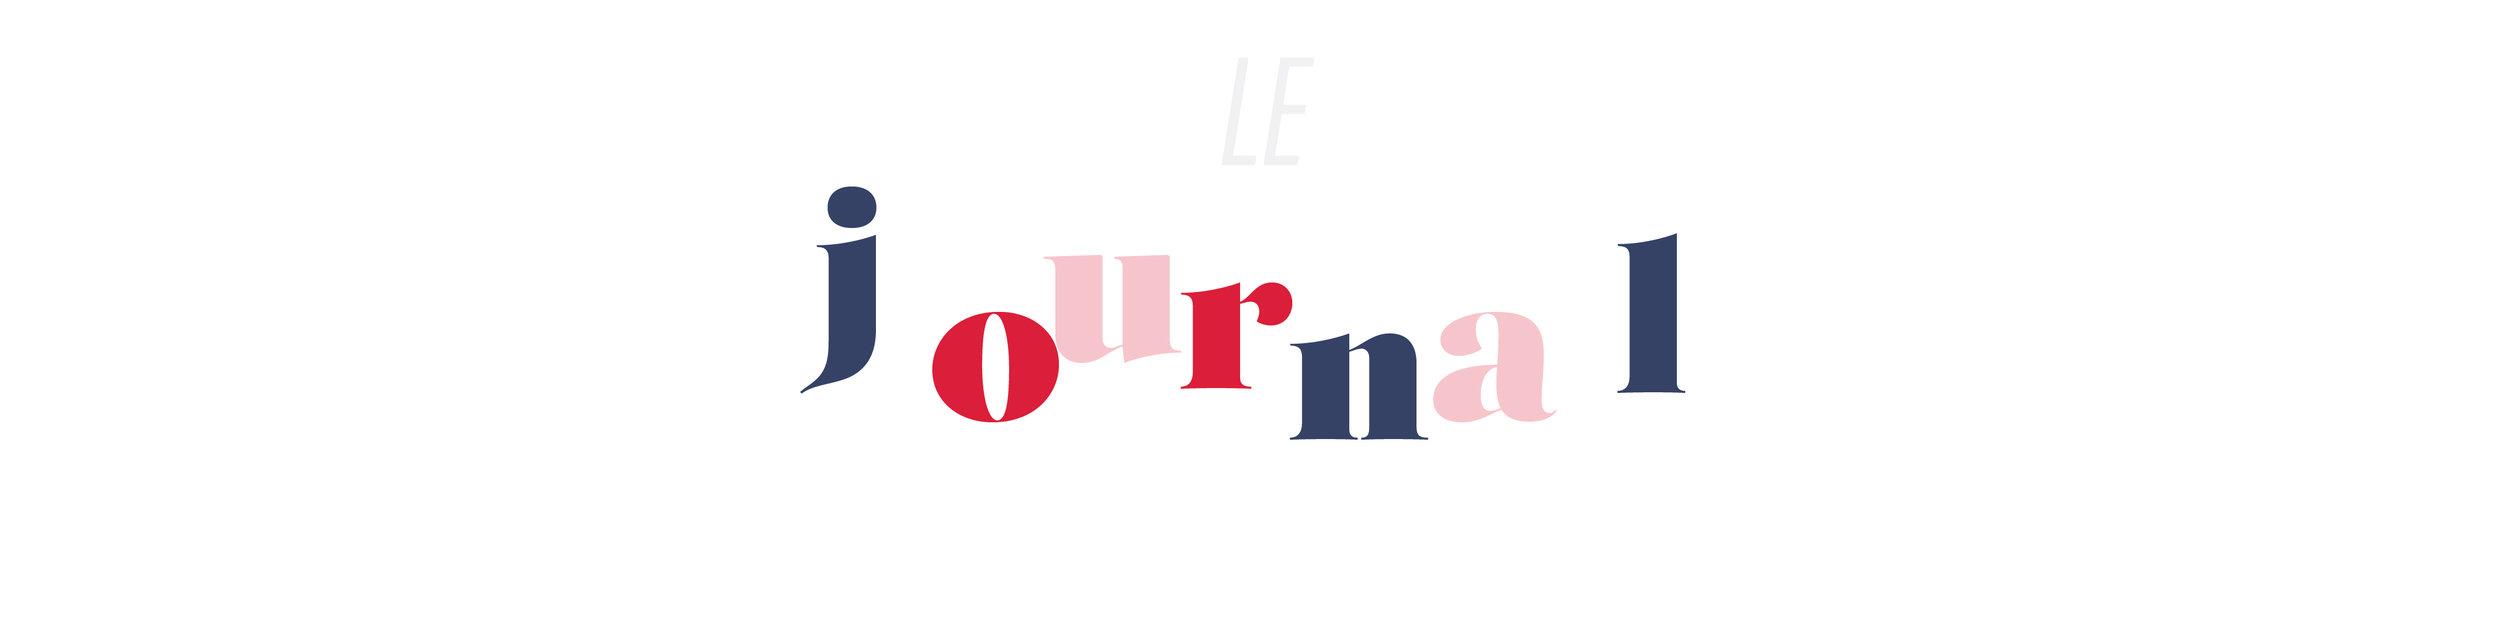 LE_JOURNAL_LOGO_02.jpg